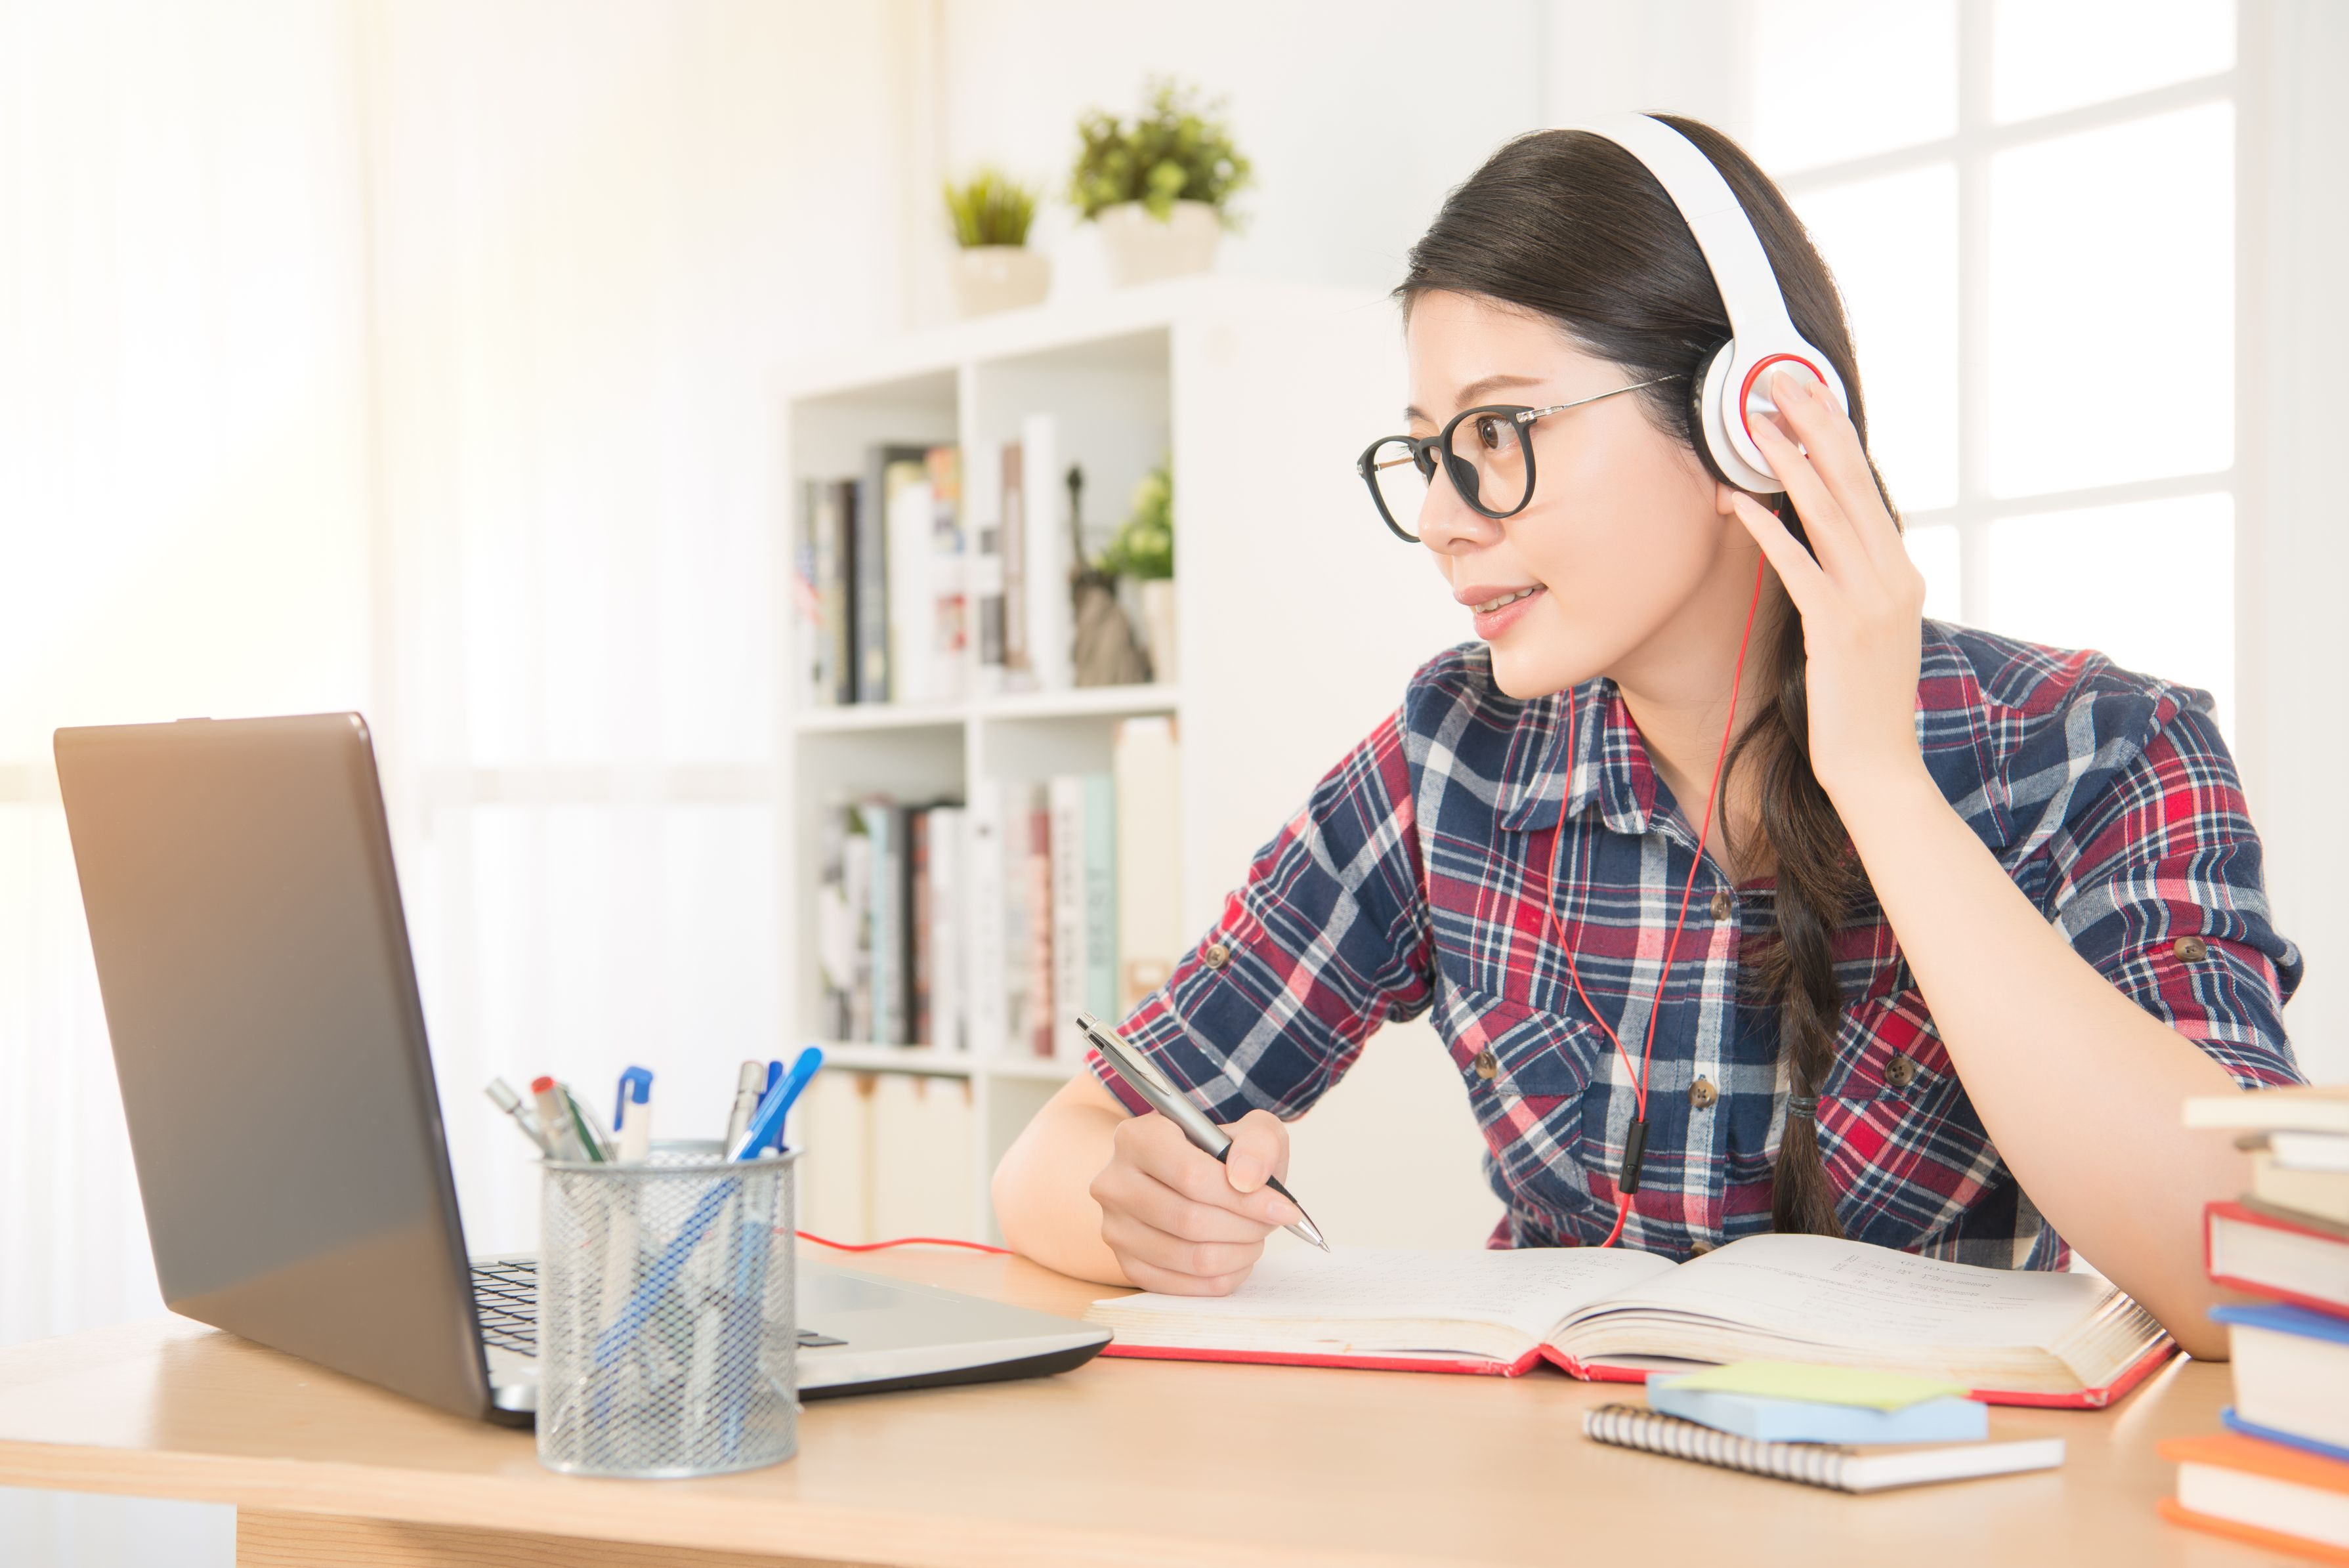 聞き流しによる効果を最大化させるためには